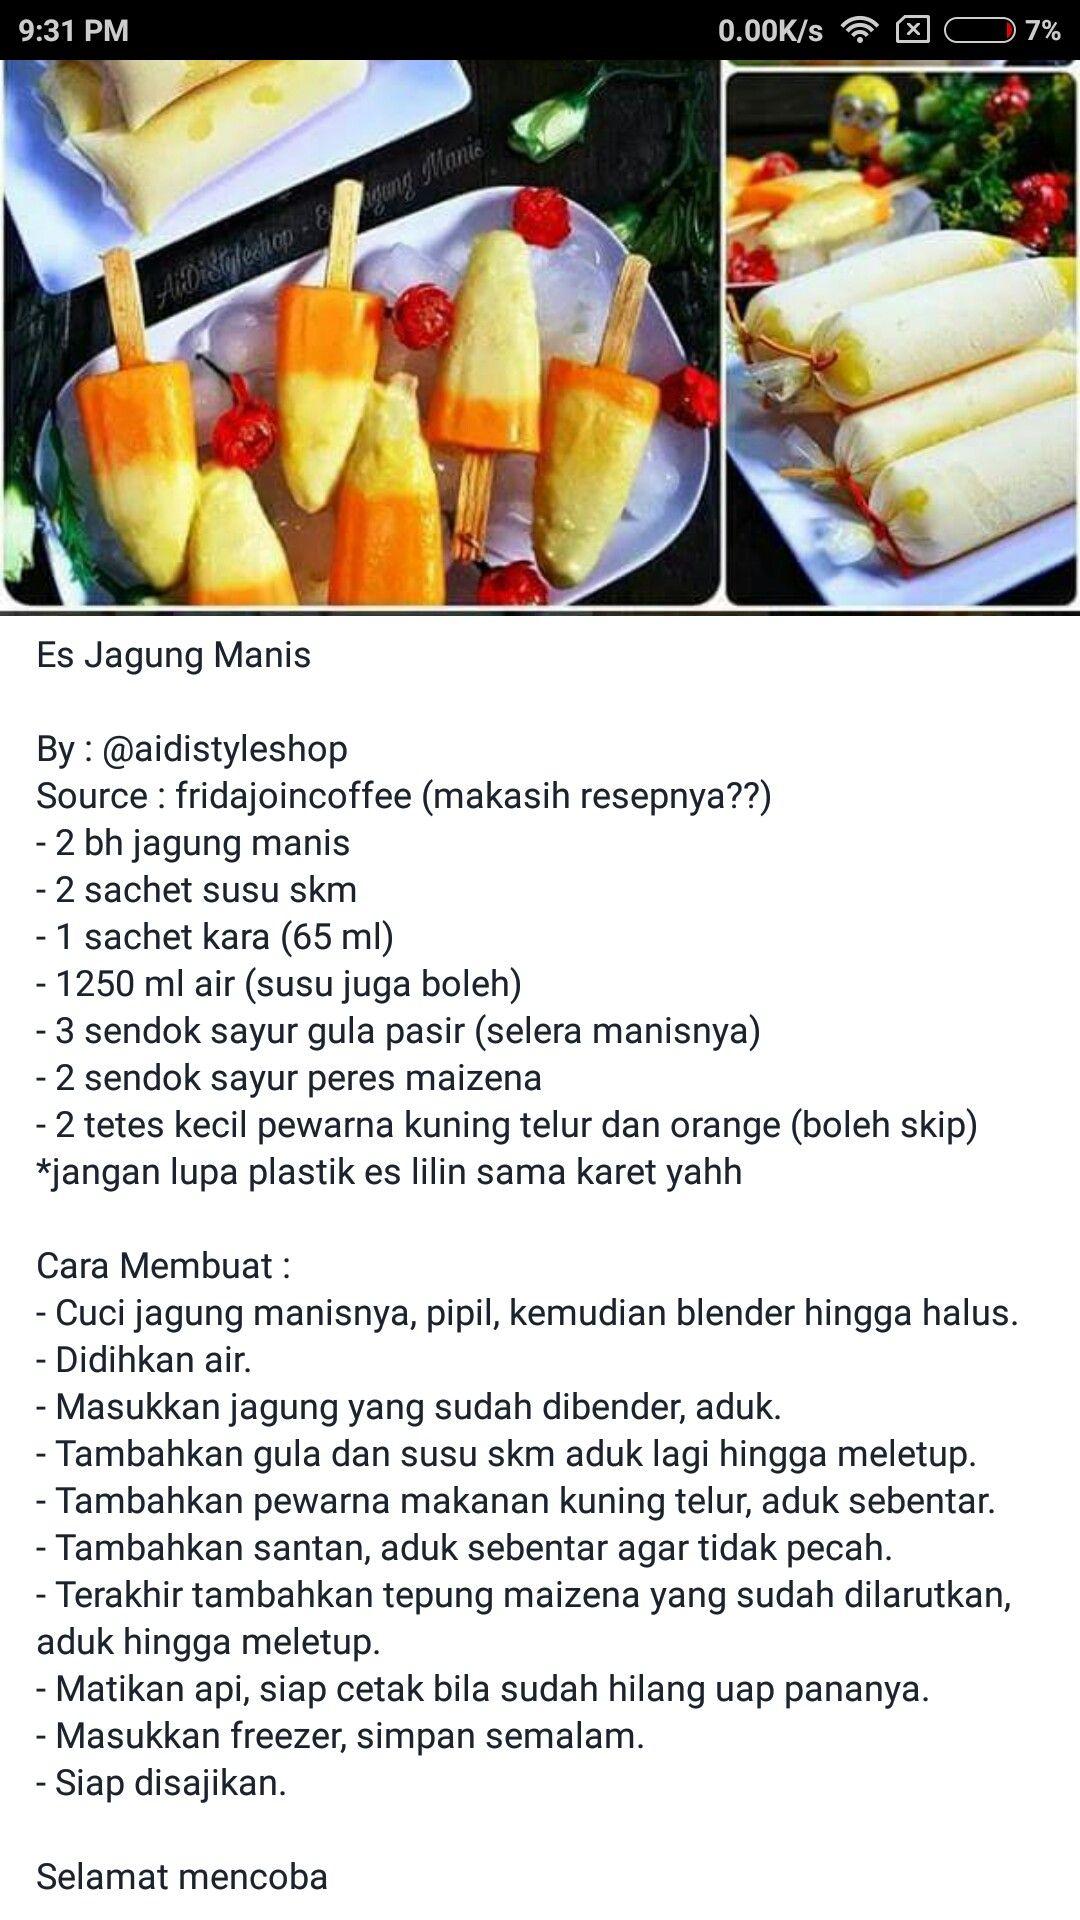 Es Jagung Manis Makanan Ide Makanan Resep Masakan